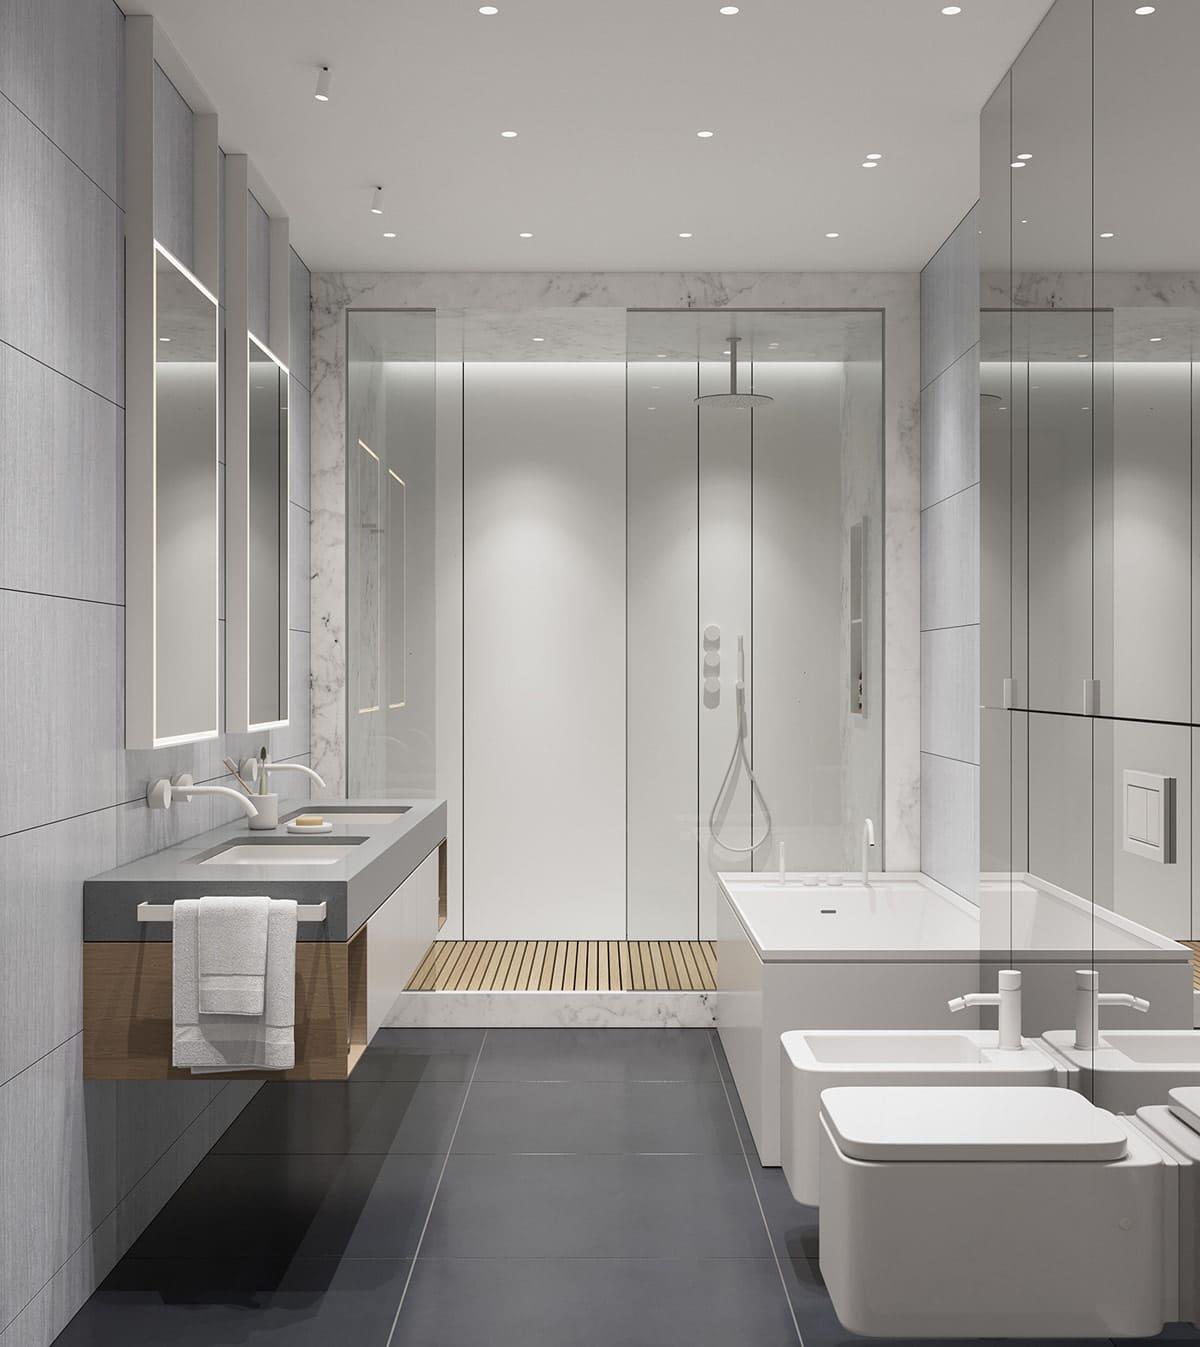 дизайн интерьера ванной комнаты фото 57